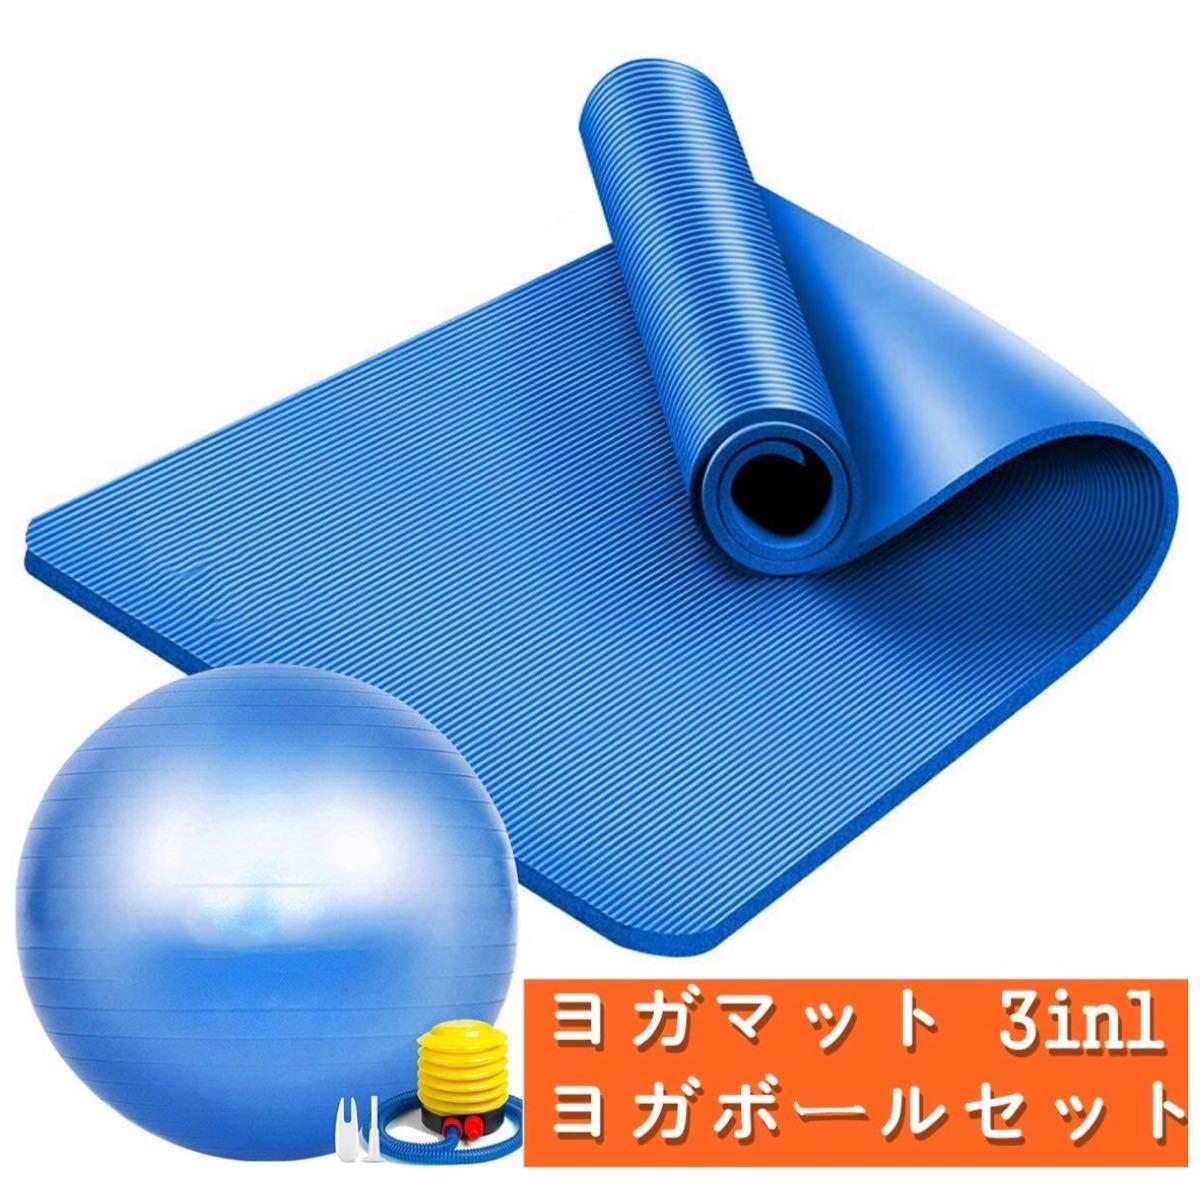 ヨガマット+ヨガボールセット、NBR素材 ヨガフィットネストレーニングマット